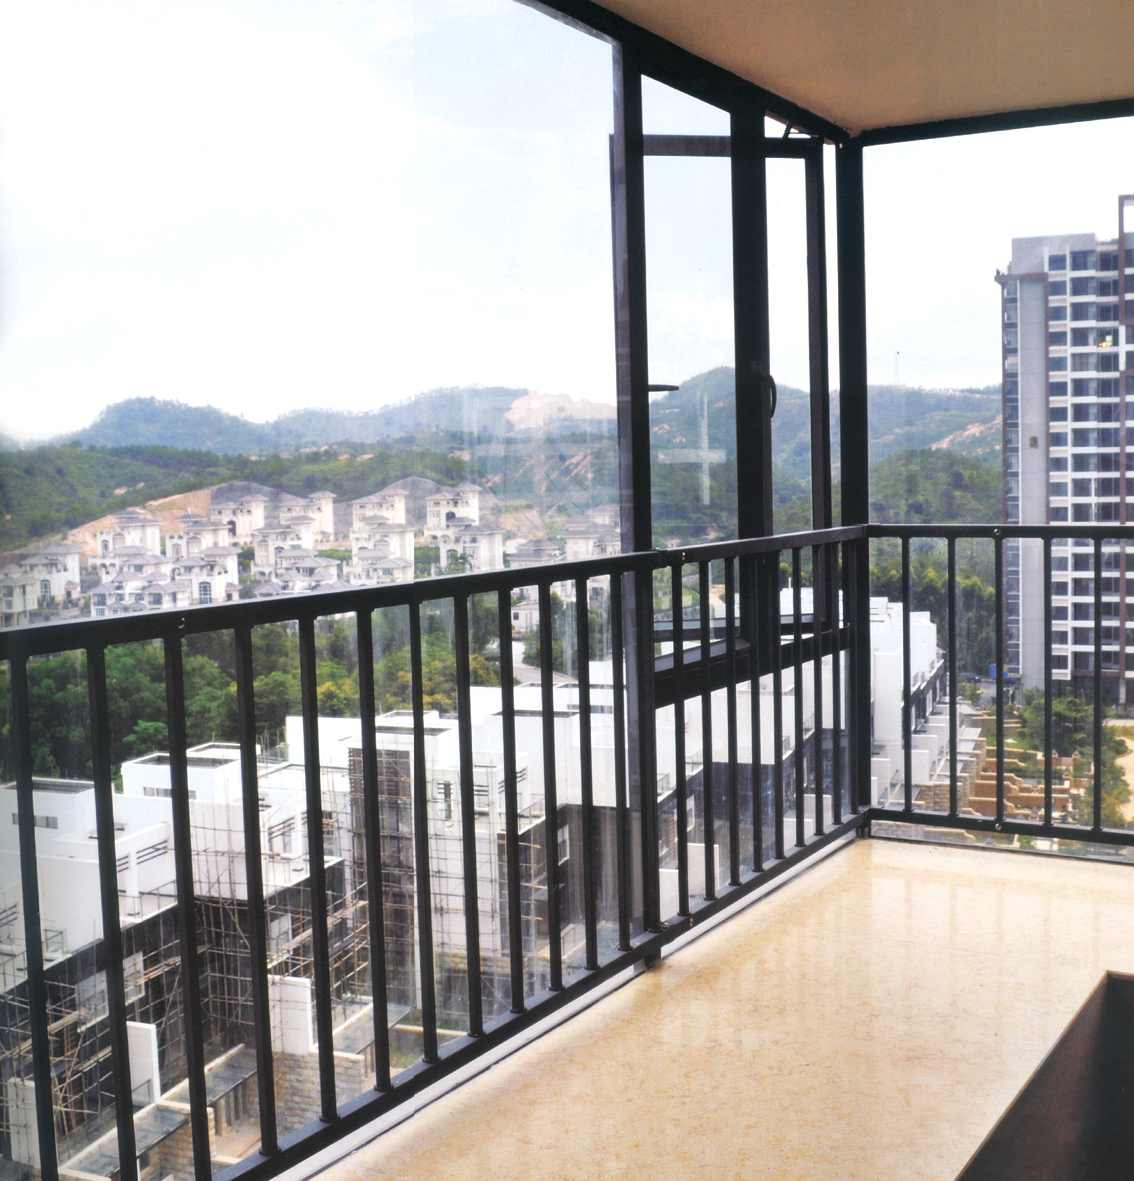 锌钢阳台护栏,海南源红万达工程有限公司 海南最专业